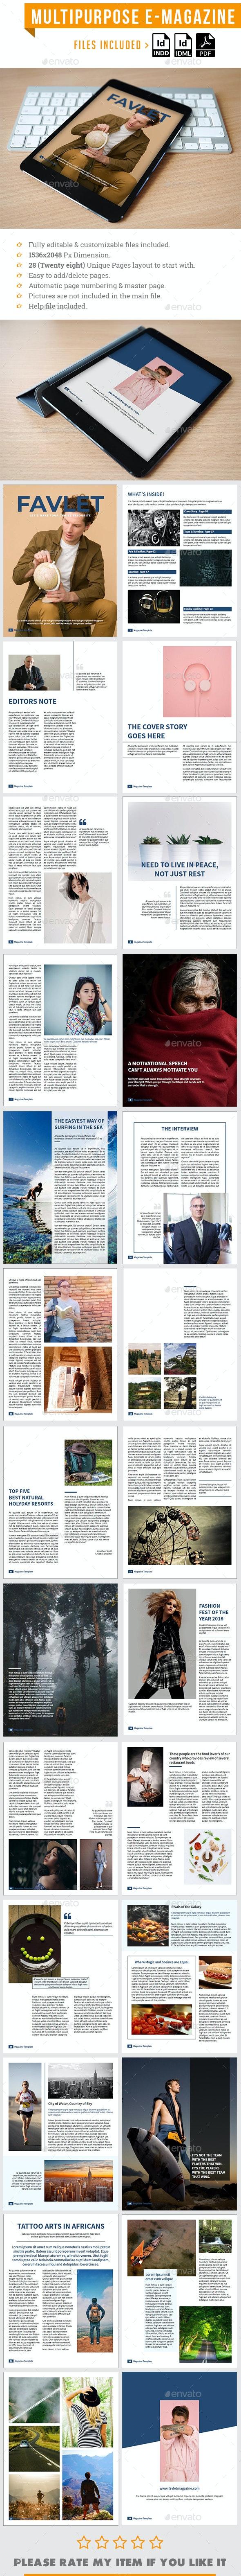 Multipurpose E Magazine - Digital Magazines ePublishing